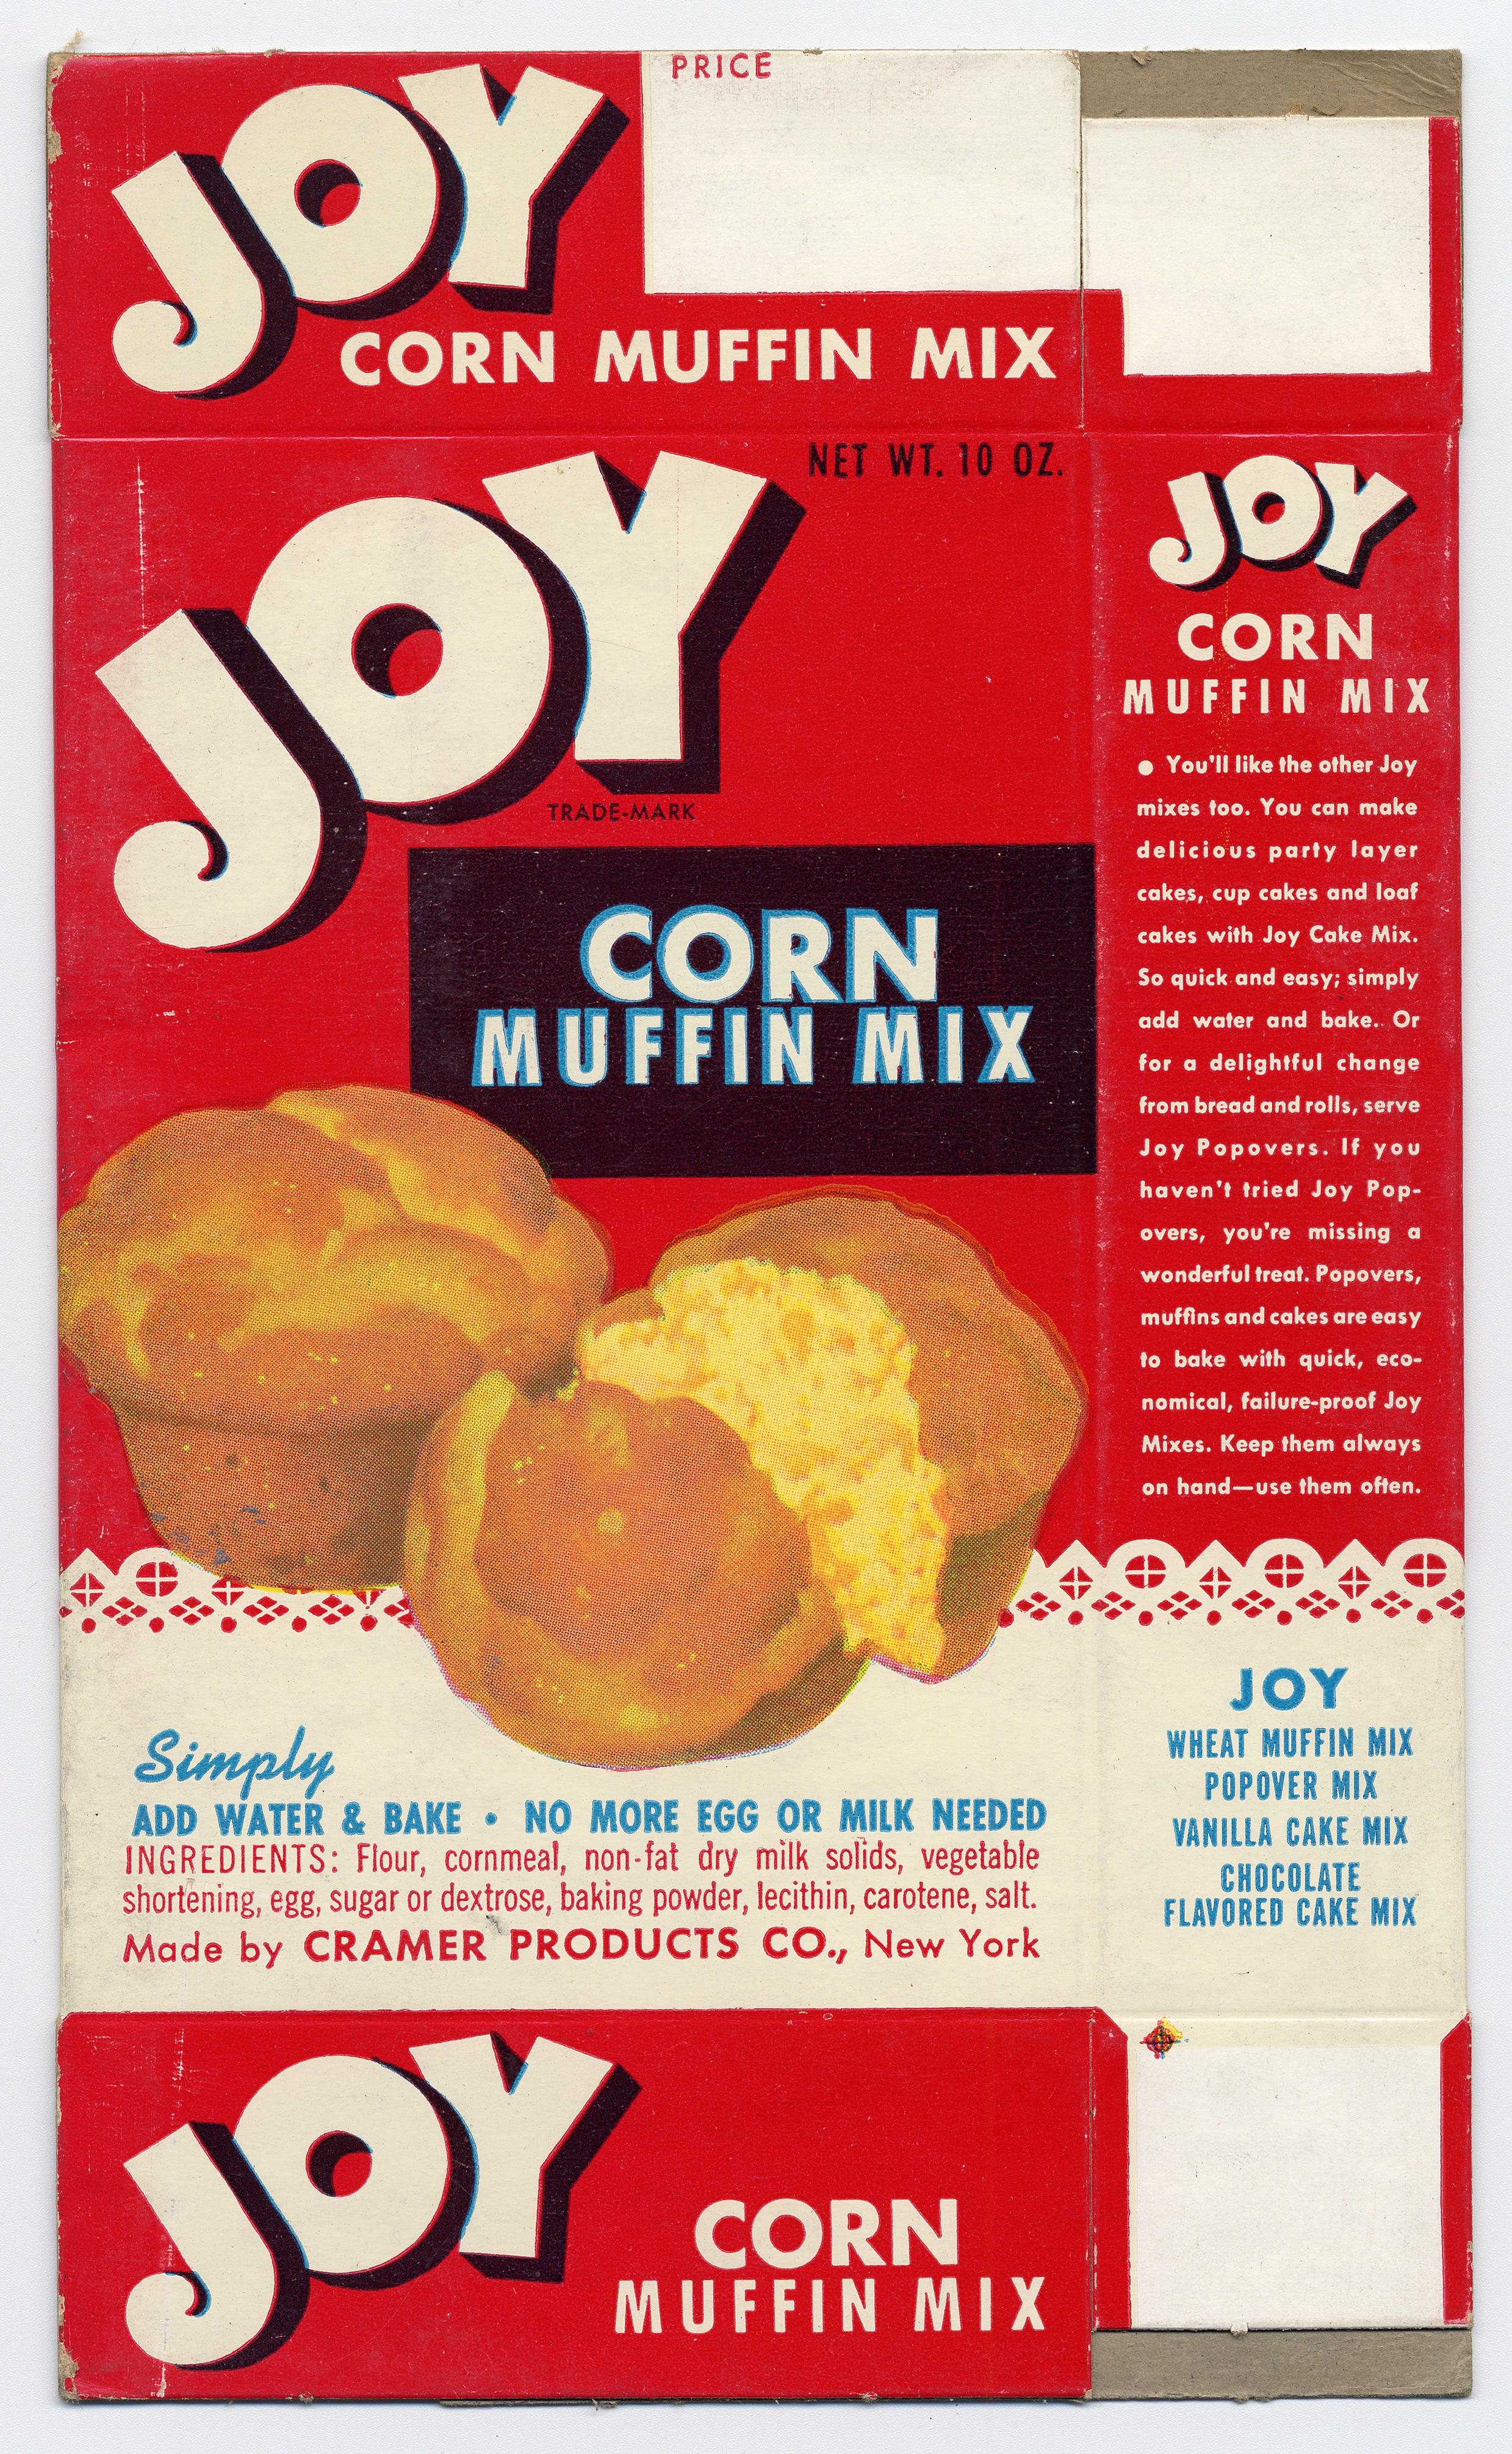 Image of a Joy brand corn muffin mix box